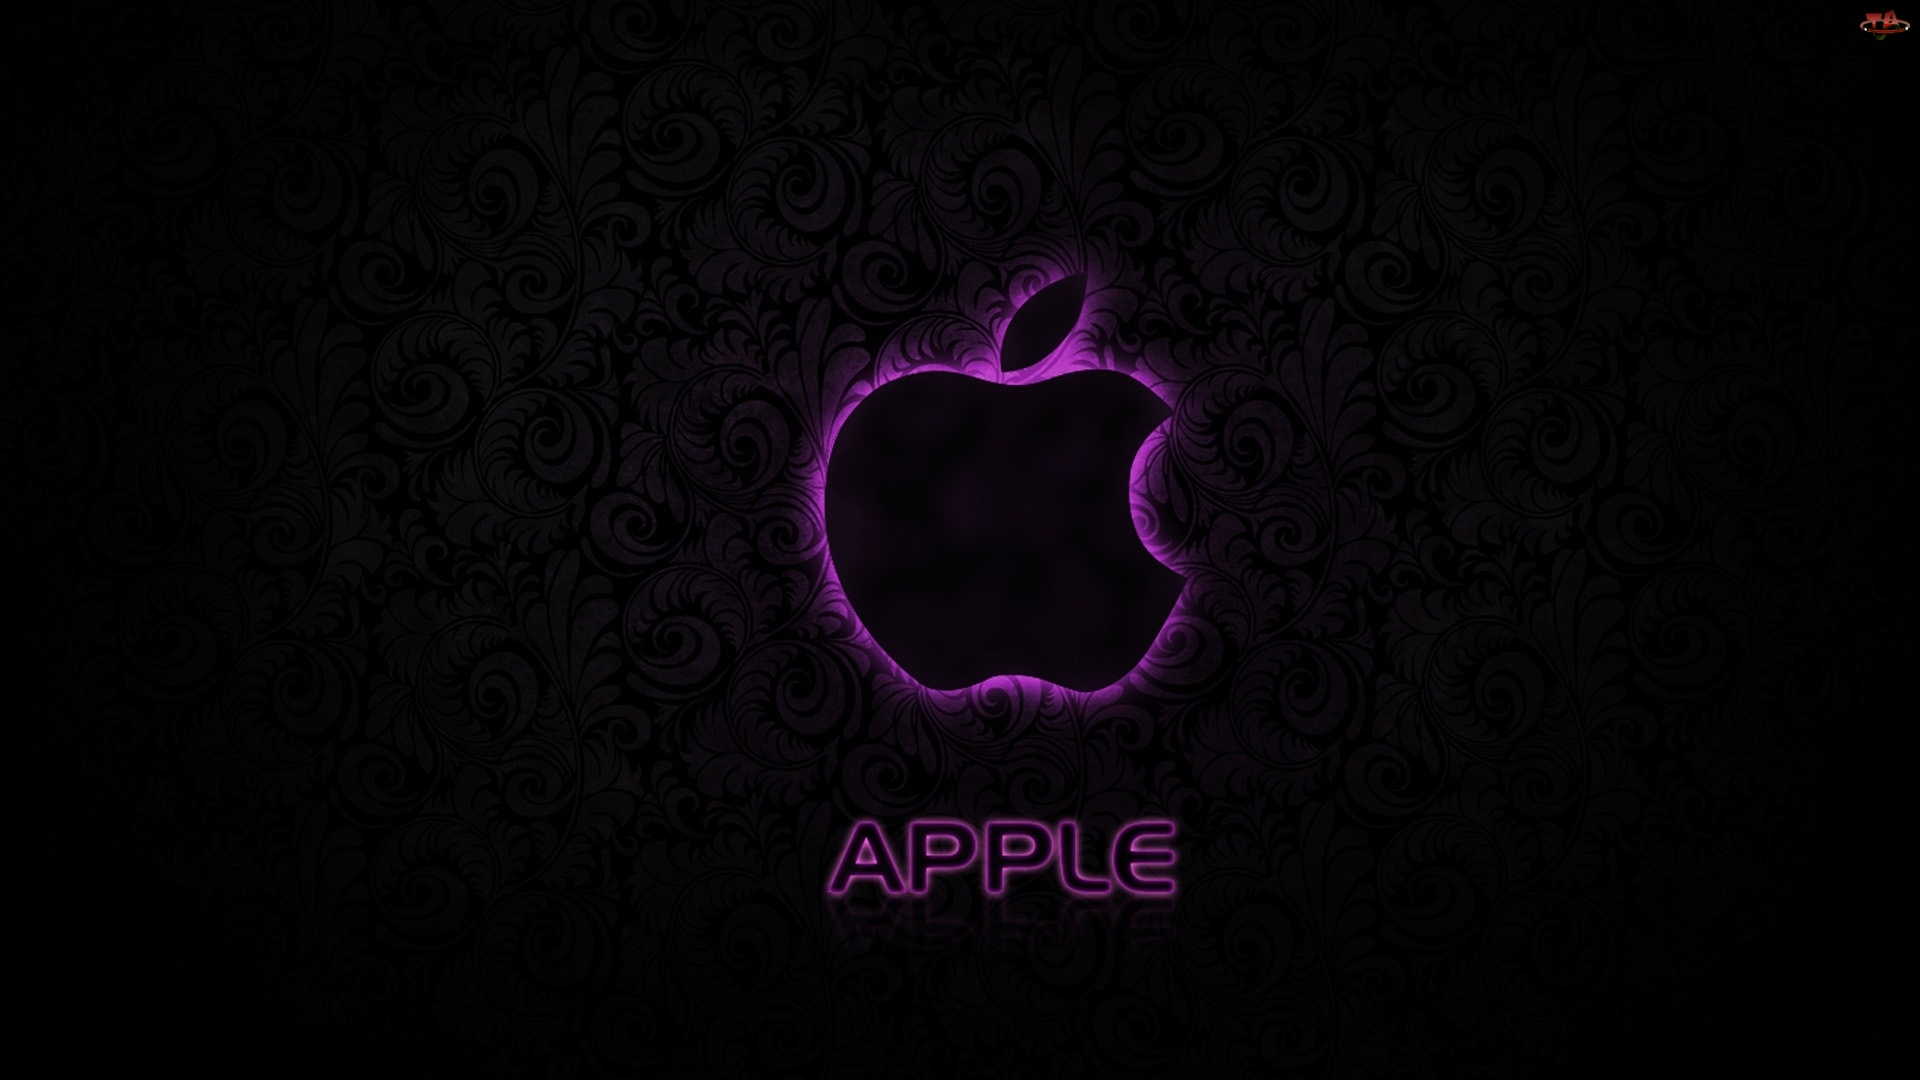 Tło, Fioletowy, Apple, Zarys, Czarne